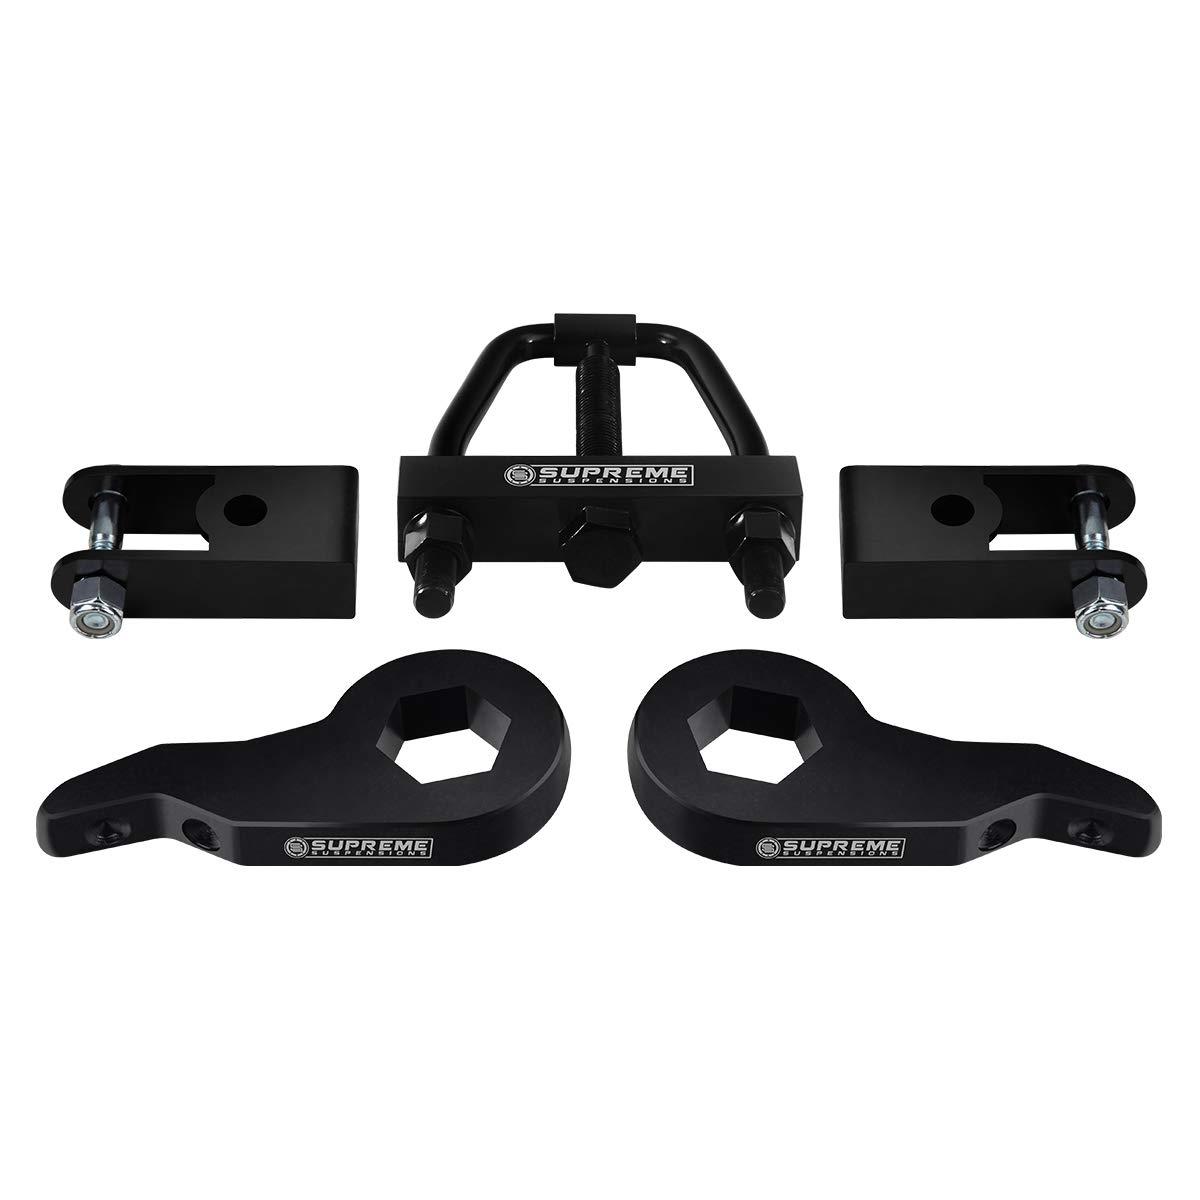 """Supreme Suspensions - Front Leveling Kit for 2000-2007 Chevrolet Silverado and GMC Sierra 1500 Adjustable 1"""" to 3"""" Lift Torsion Keys + Shock Extenders + Torsion Bar Puller 6-Lug 4WD"""